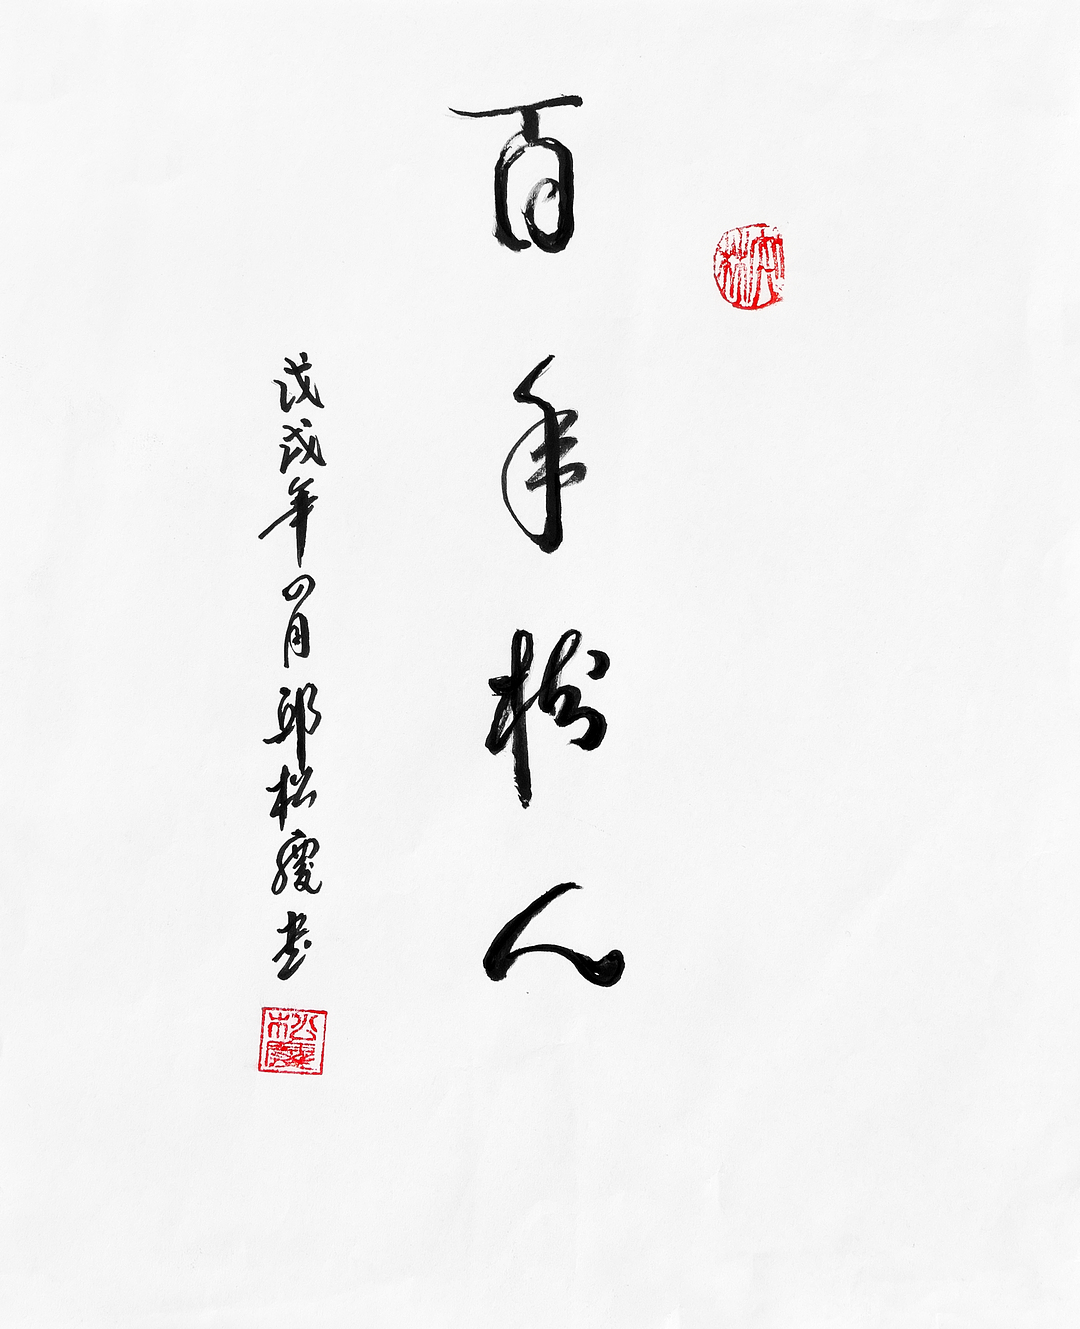 《百年树人》29.7x21cm 行书 纸本墨笔 2018年